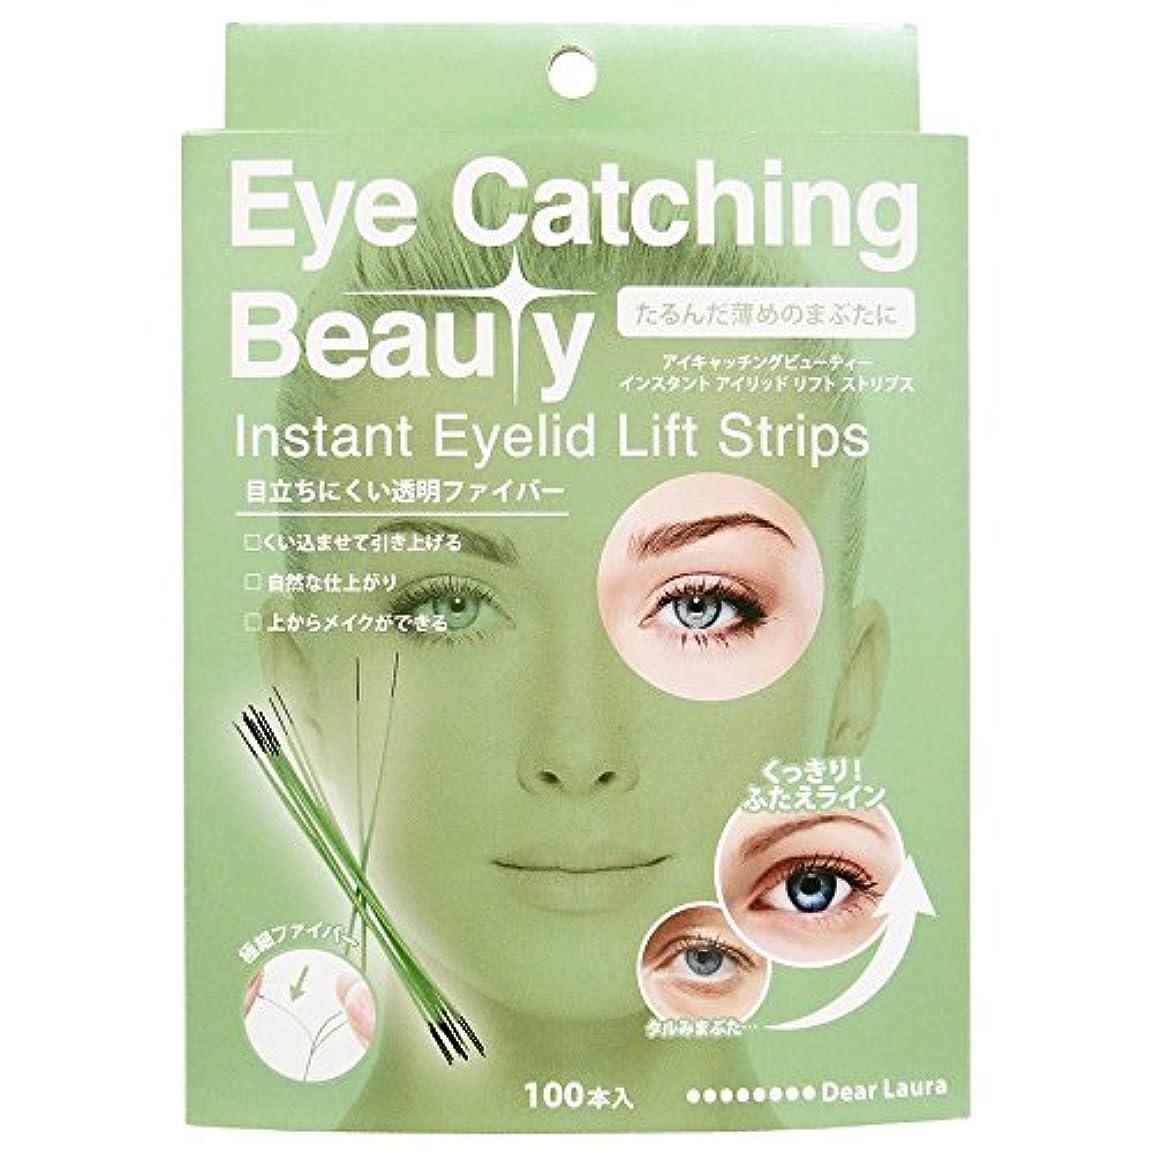 信条フルーツひどいアイキャッチングビューティー (Eye Catching Beauty) インスタント アイリッド リフト ストリップス ECB-J03 100本